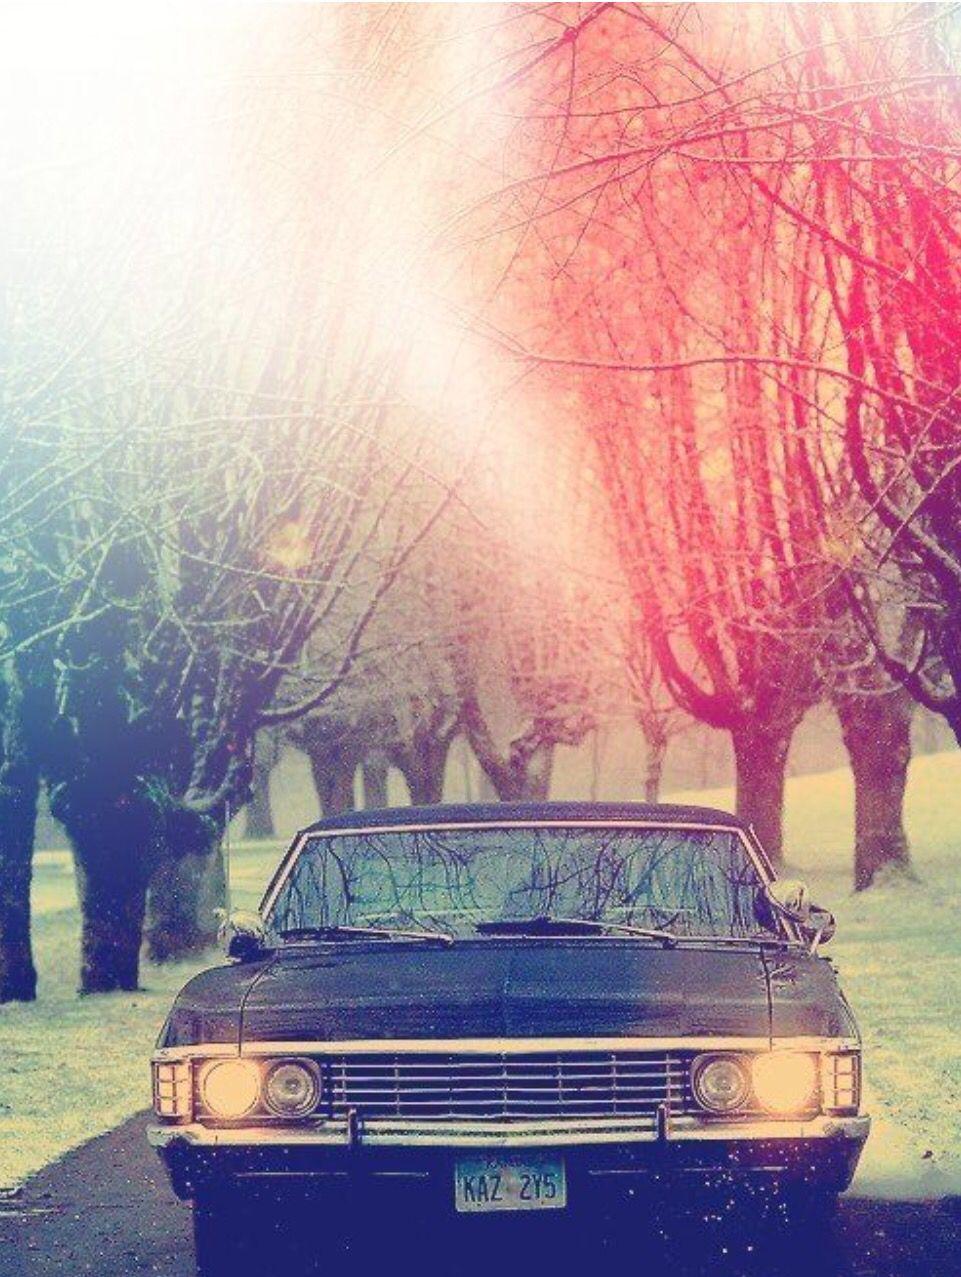 Pin By Alec Butcher On Supernatural Supernatural Impala Impala